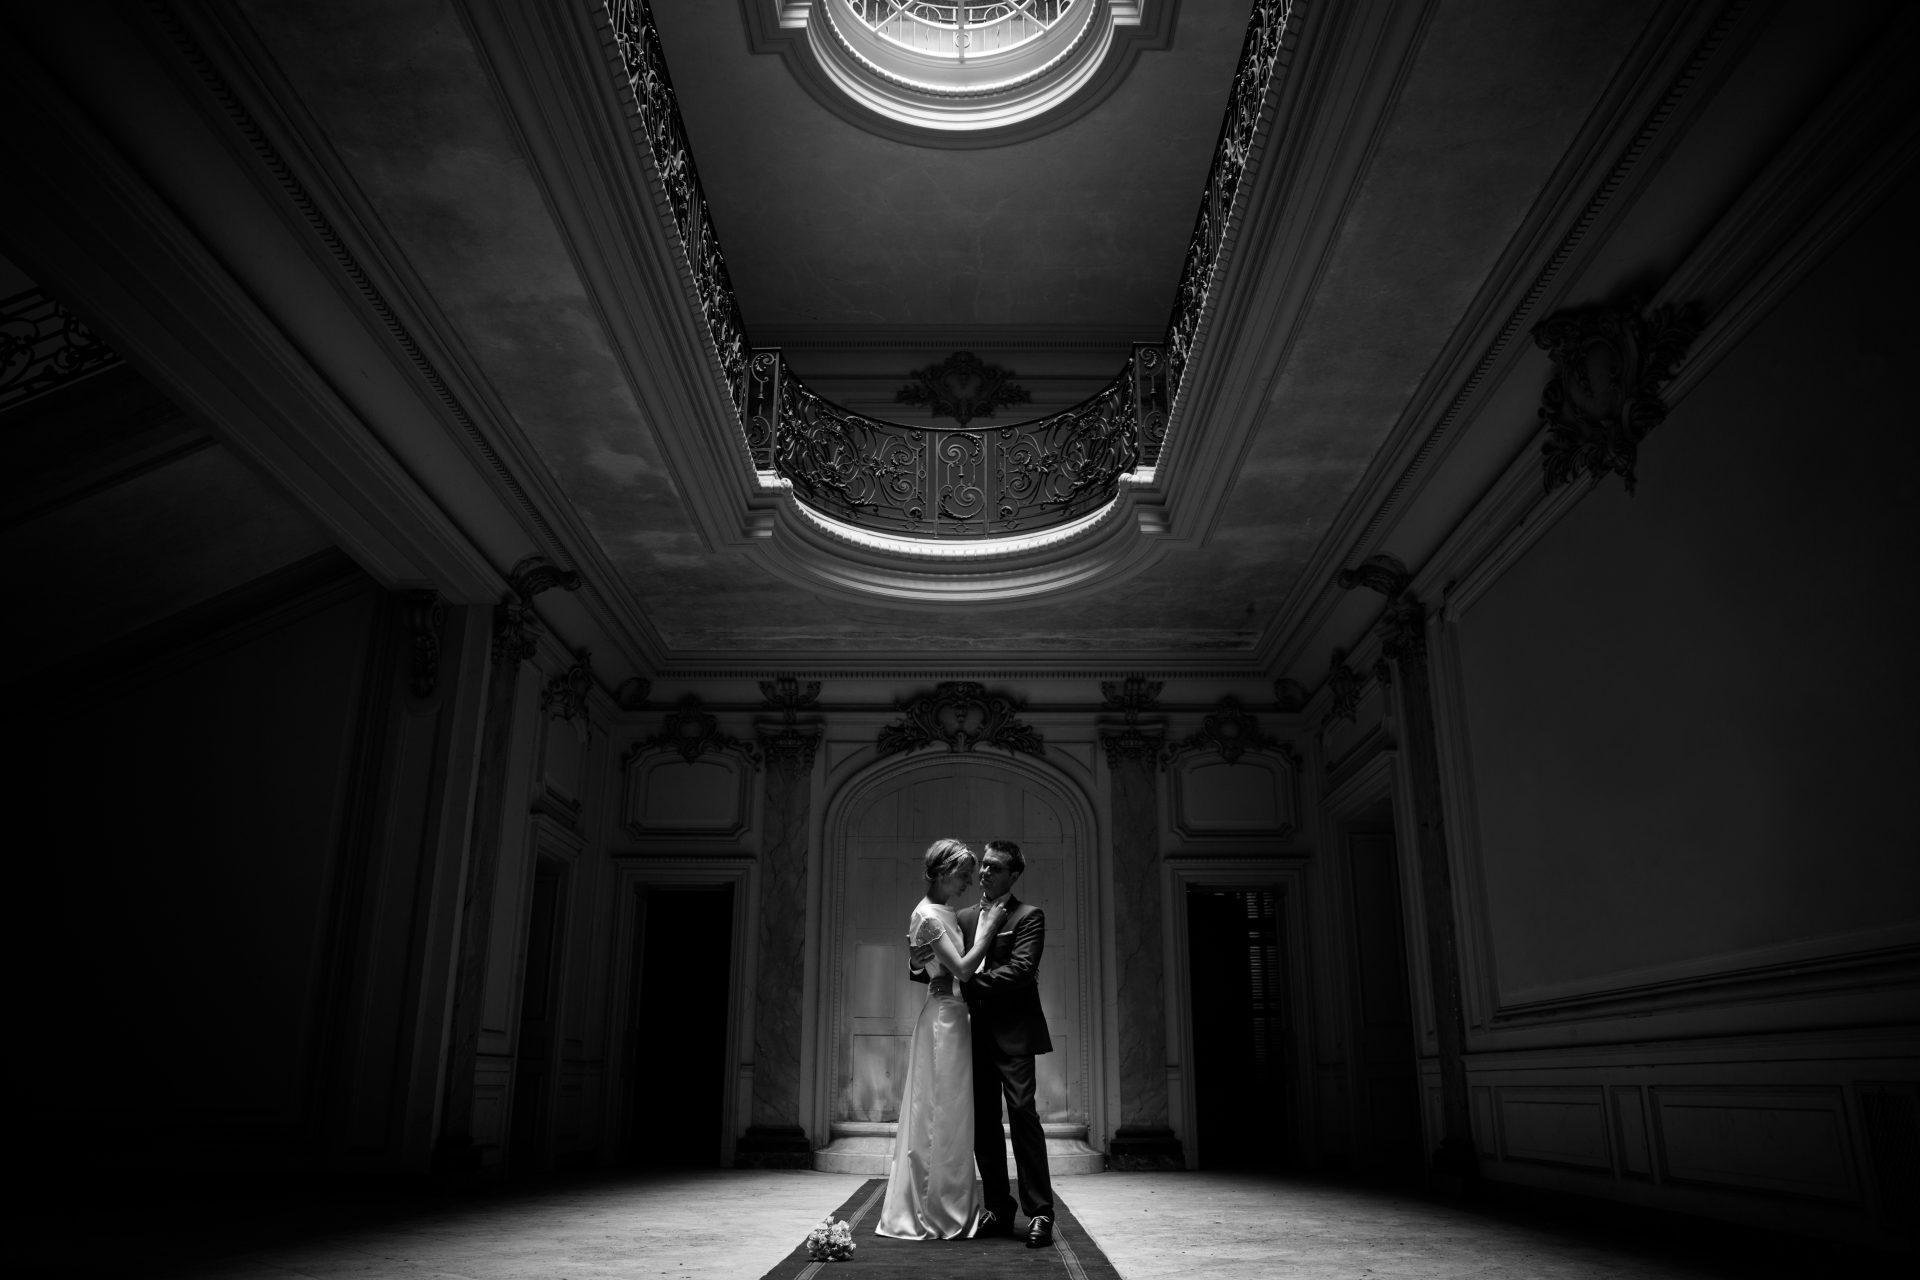 credit Maxime FAURY.jpg copie 20 - Interview de Maxime Faury - Photographe de Mariage en Alsace - Wedding planner - Organisation de Mariage en France, au Luxembourg, en italie, en provence, à la montagne